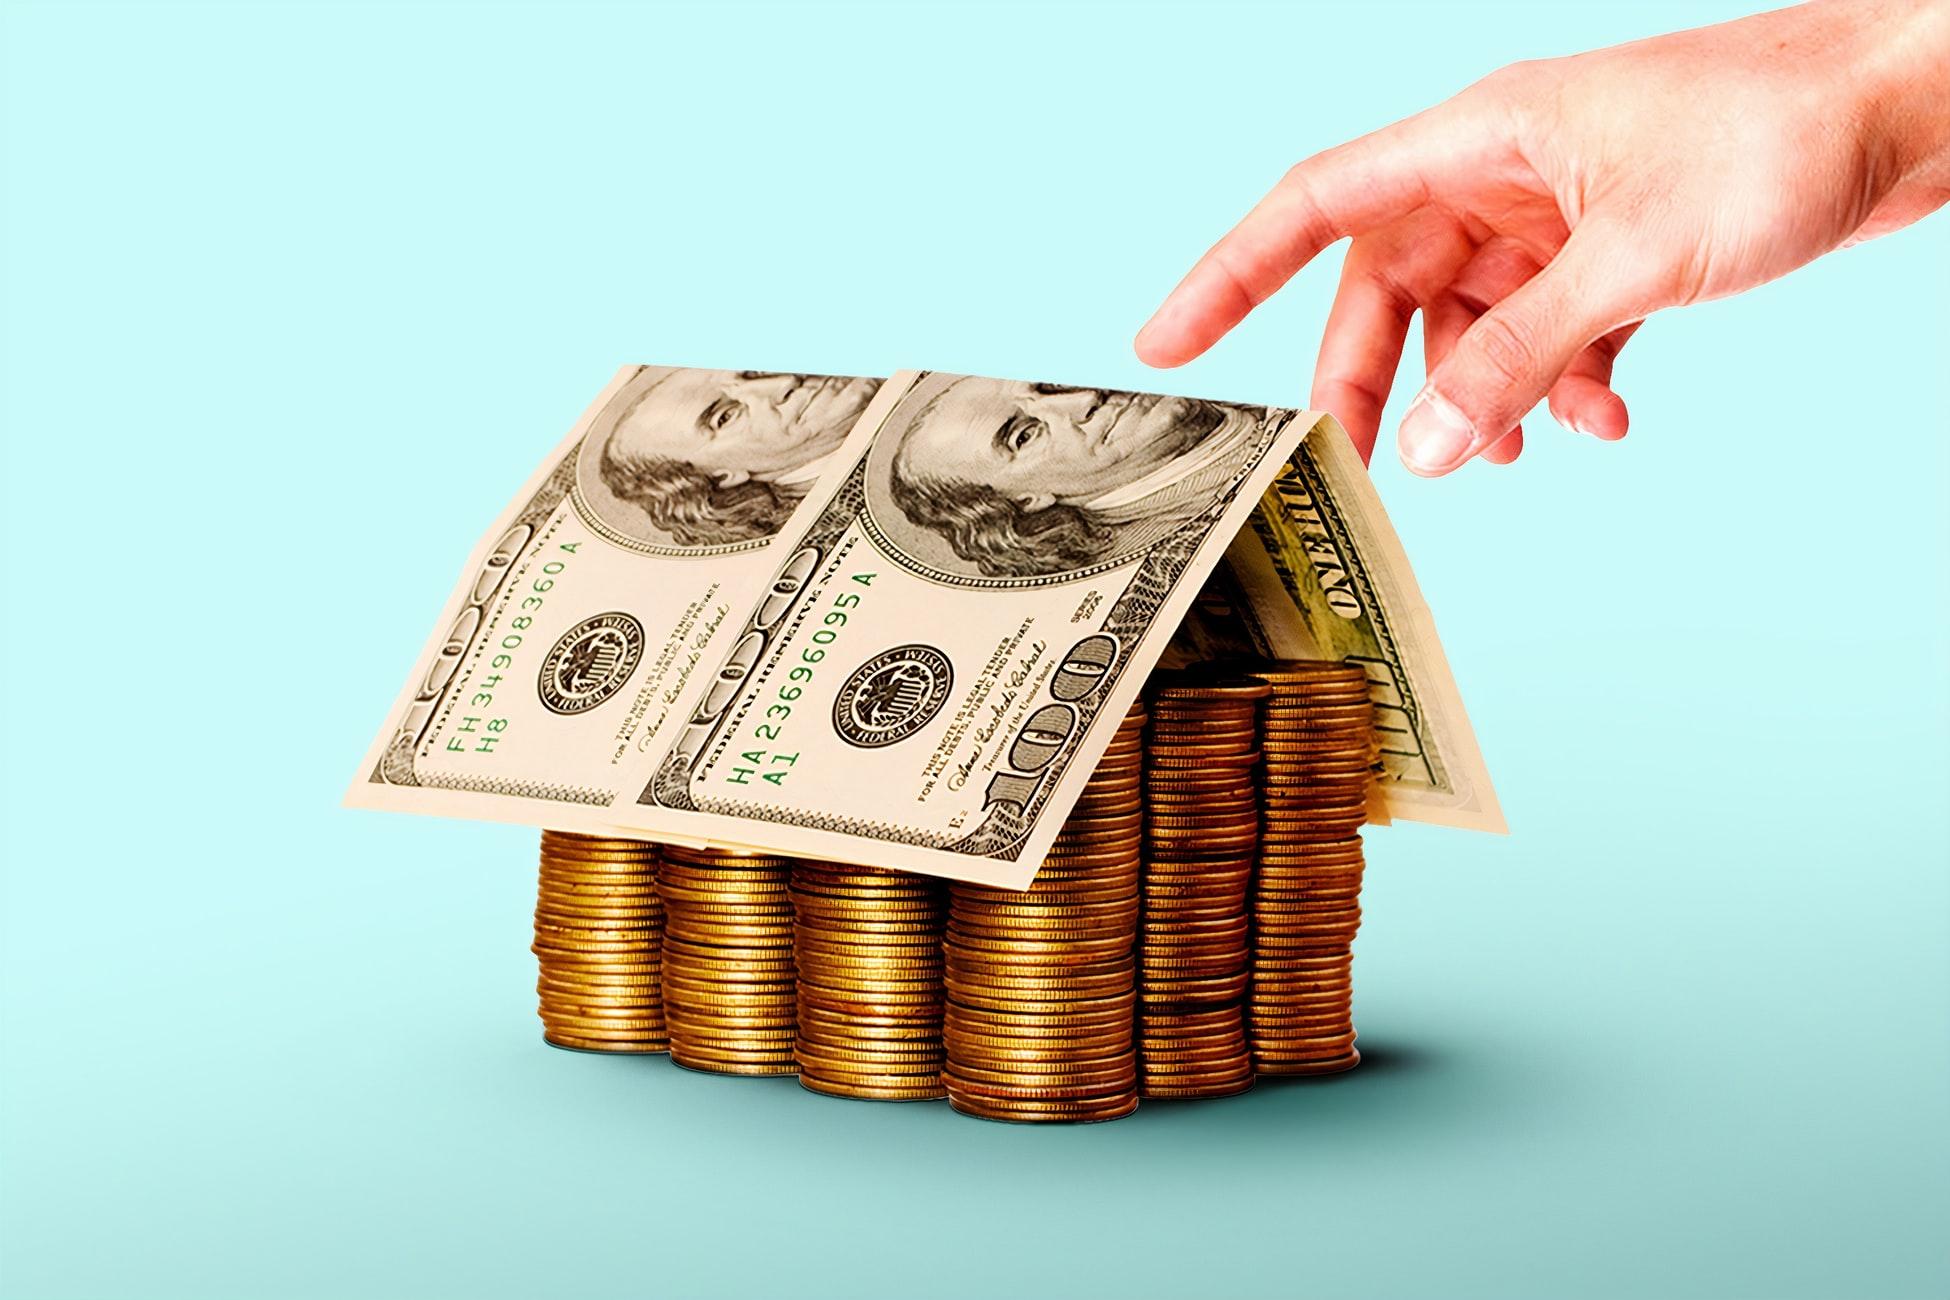 networth-realestateinvestment-growingnetworth-cashflow